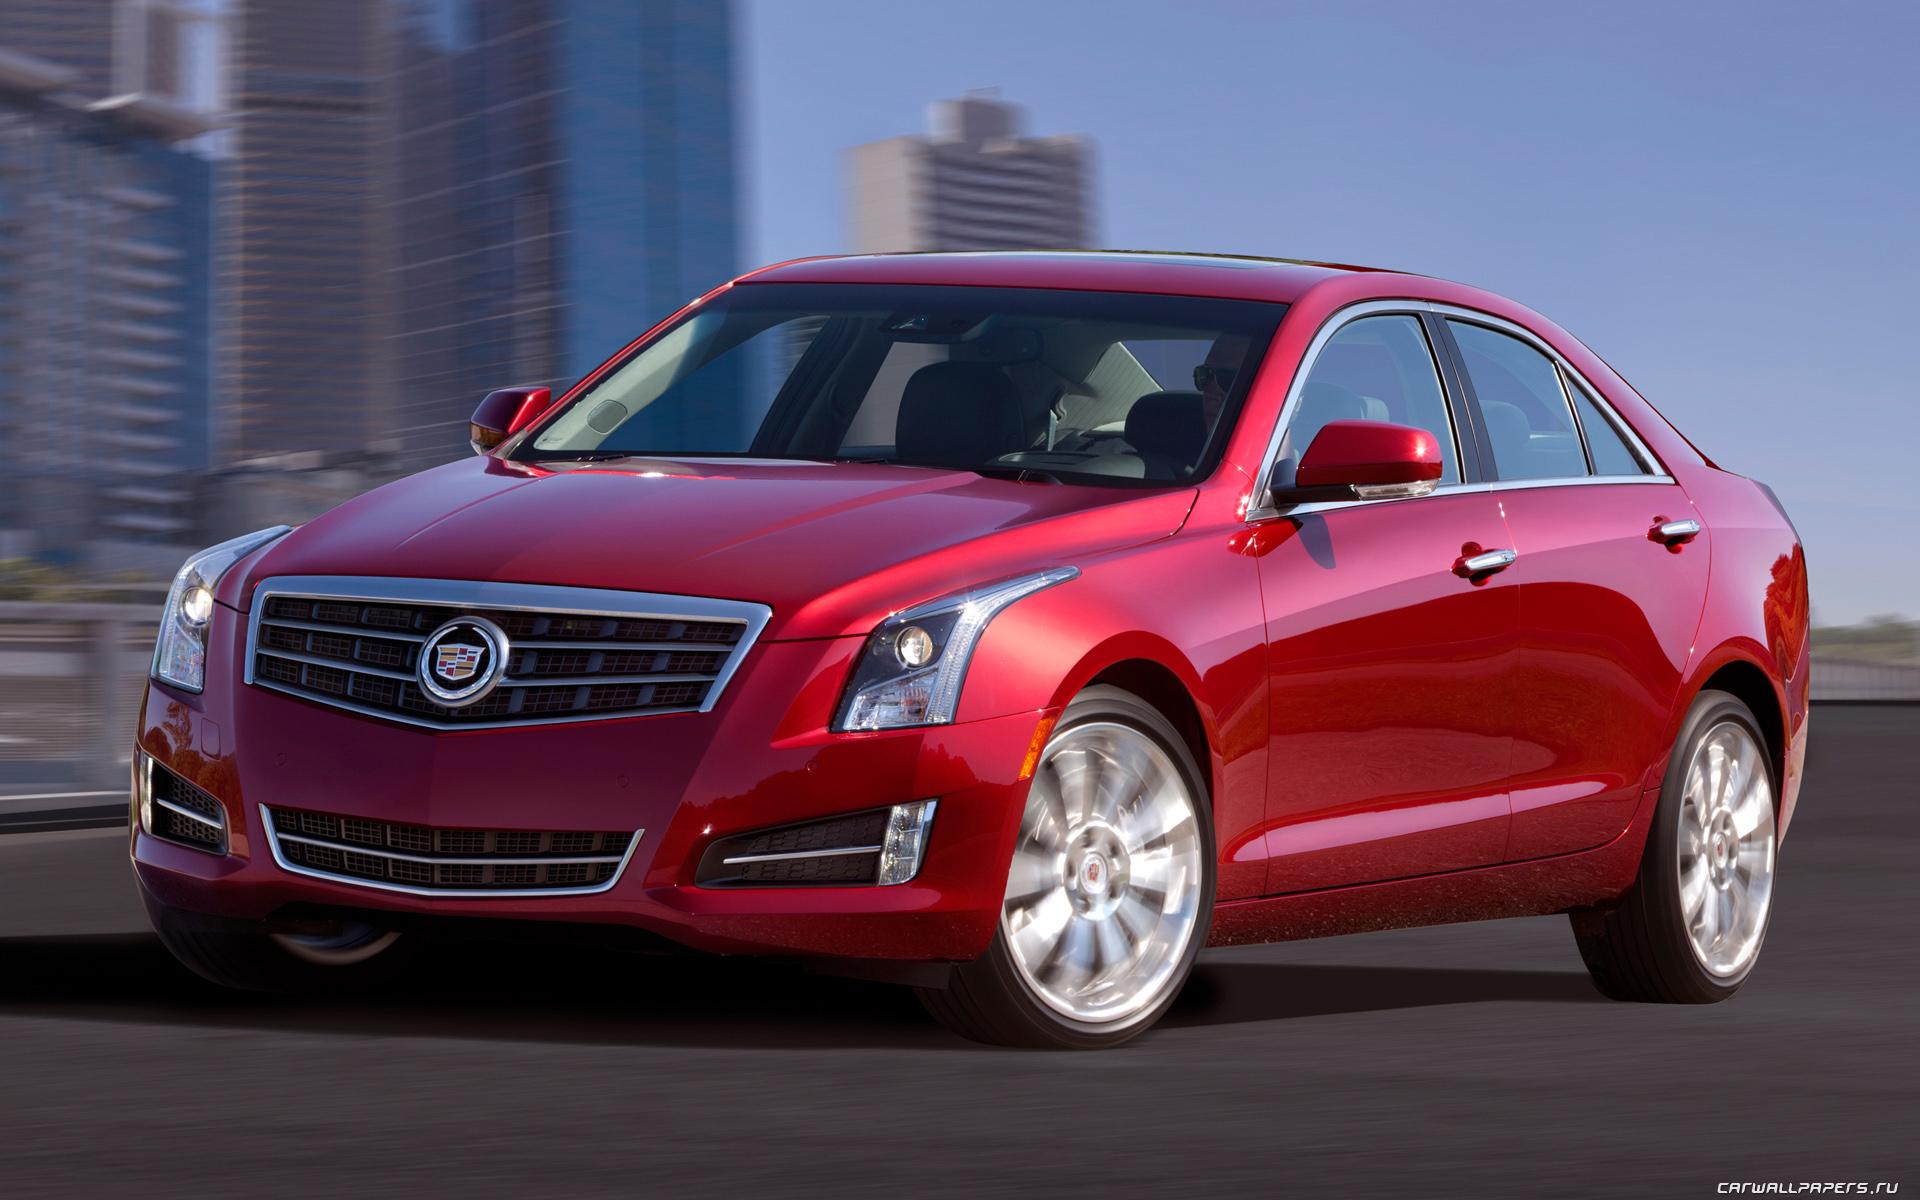 Cadillac - полный каталог моделей, характеристики, отзывы на все автомобили cadillac (кадиллак)